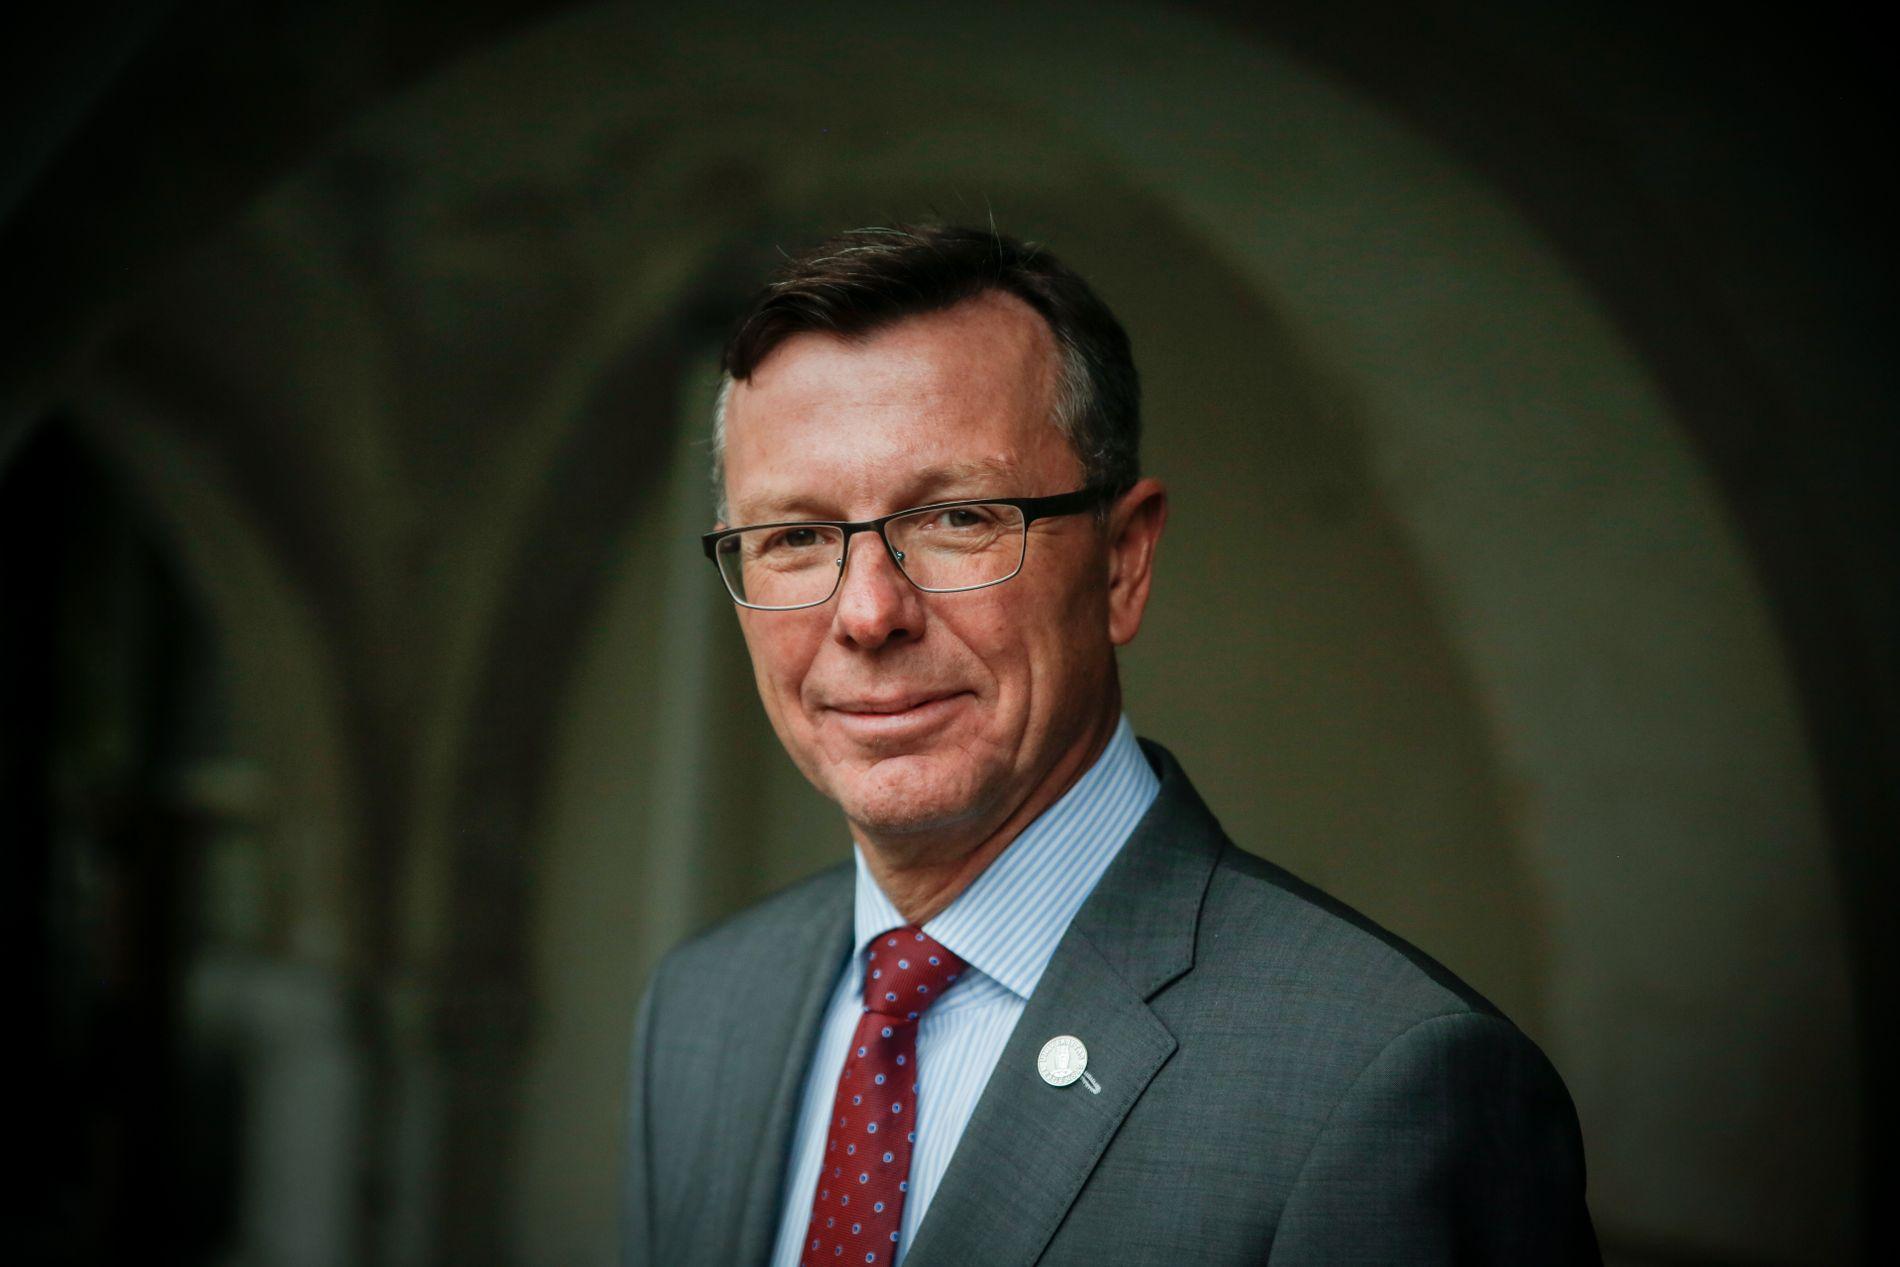 HØYT AMBISJONSNIVÅ: UiB ved rektor Dag Rune Olsen vil tilby Honours-program fra 2021, noe som støttes av Bergens Tidende på lederplass.